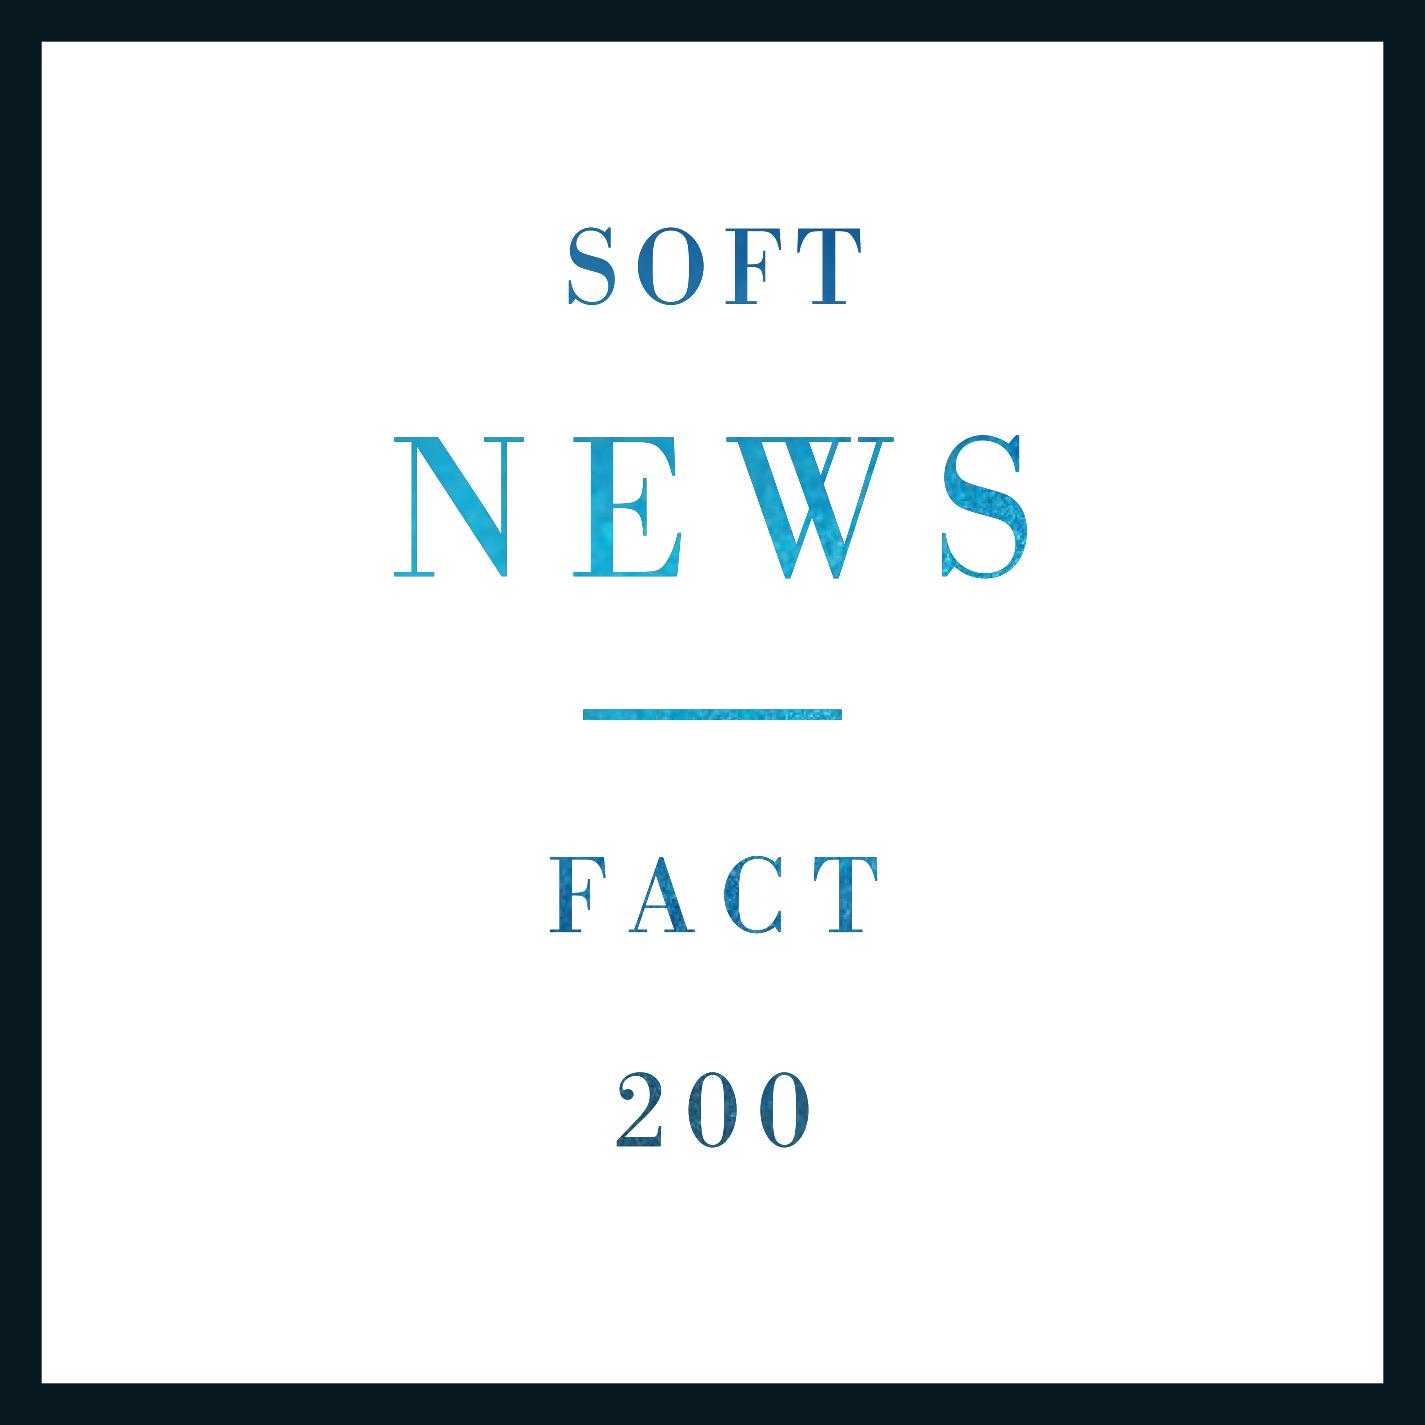 sn004_Fact-200.jpg